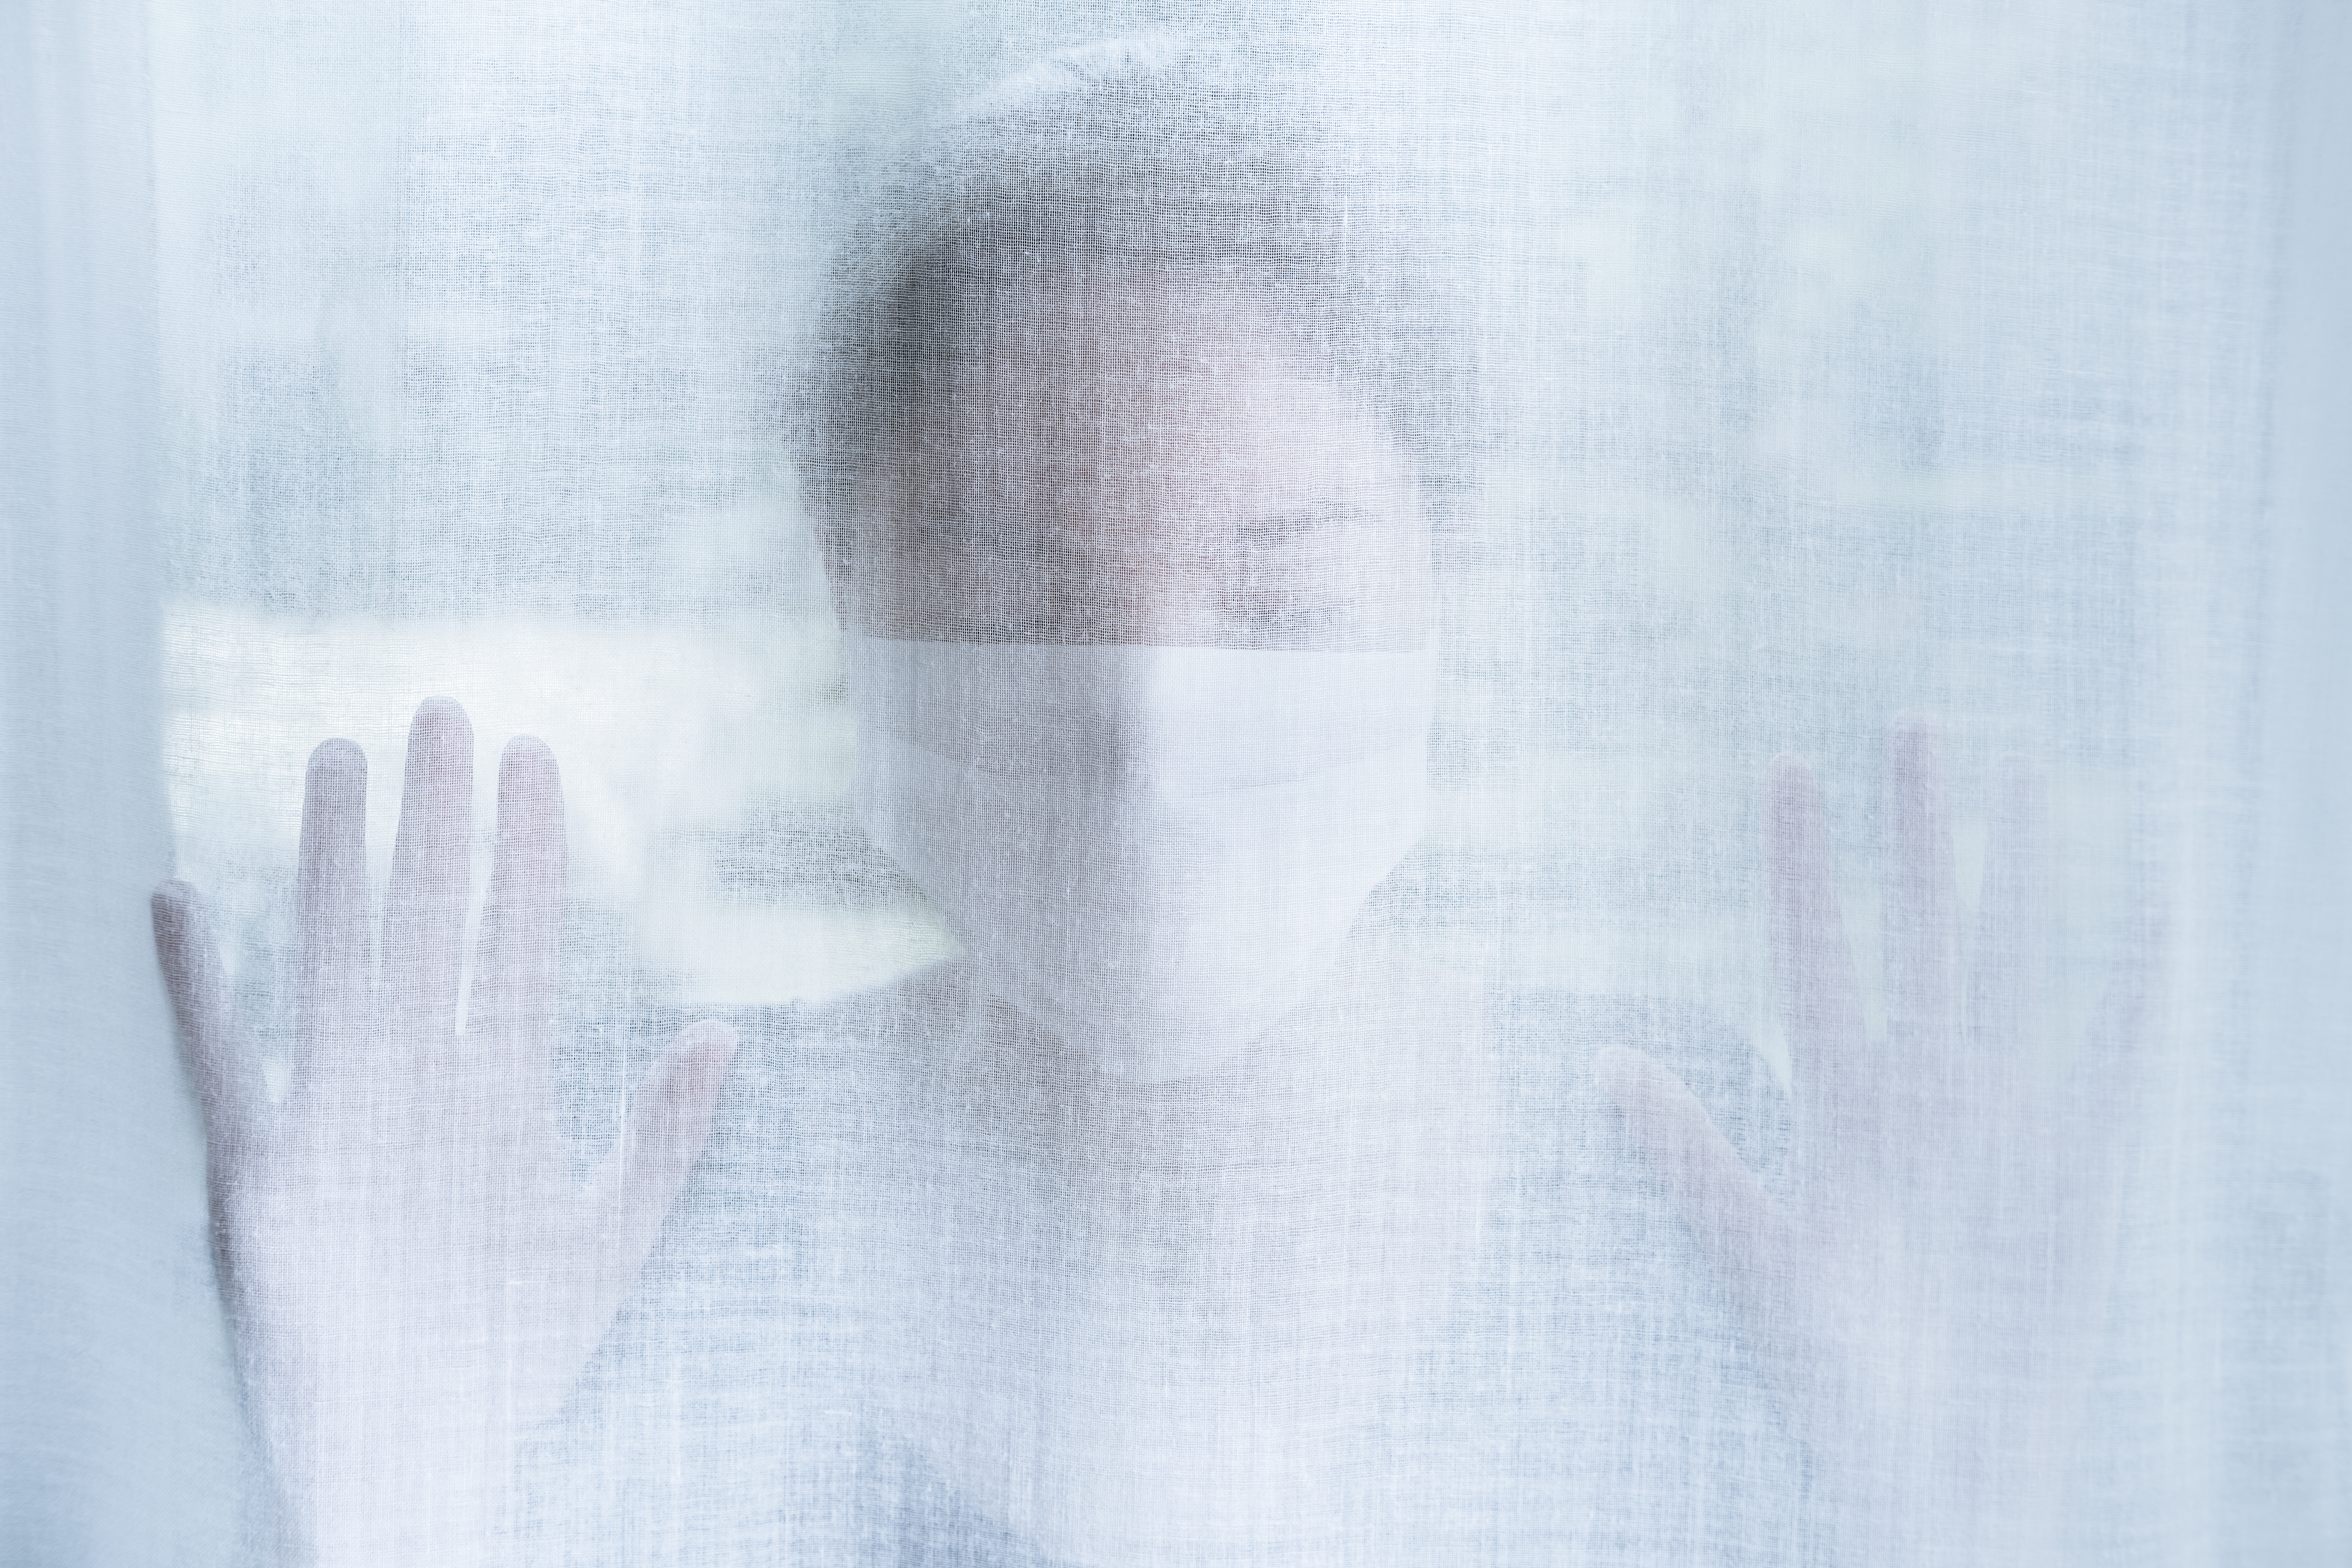 Le stress émotionnel active le système nerveux sympathique, ce qui entraîne des réponses physiques